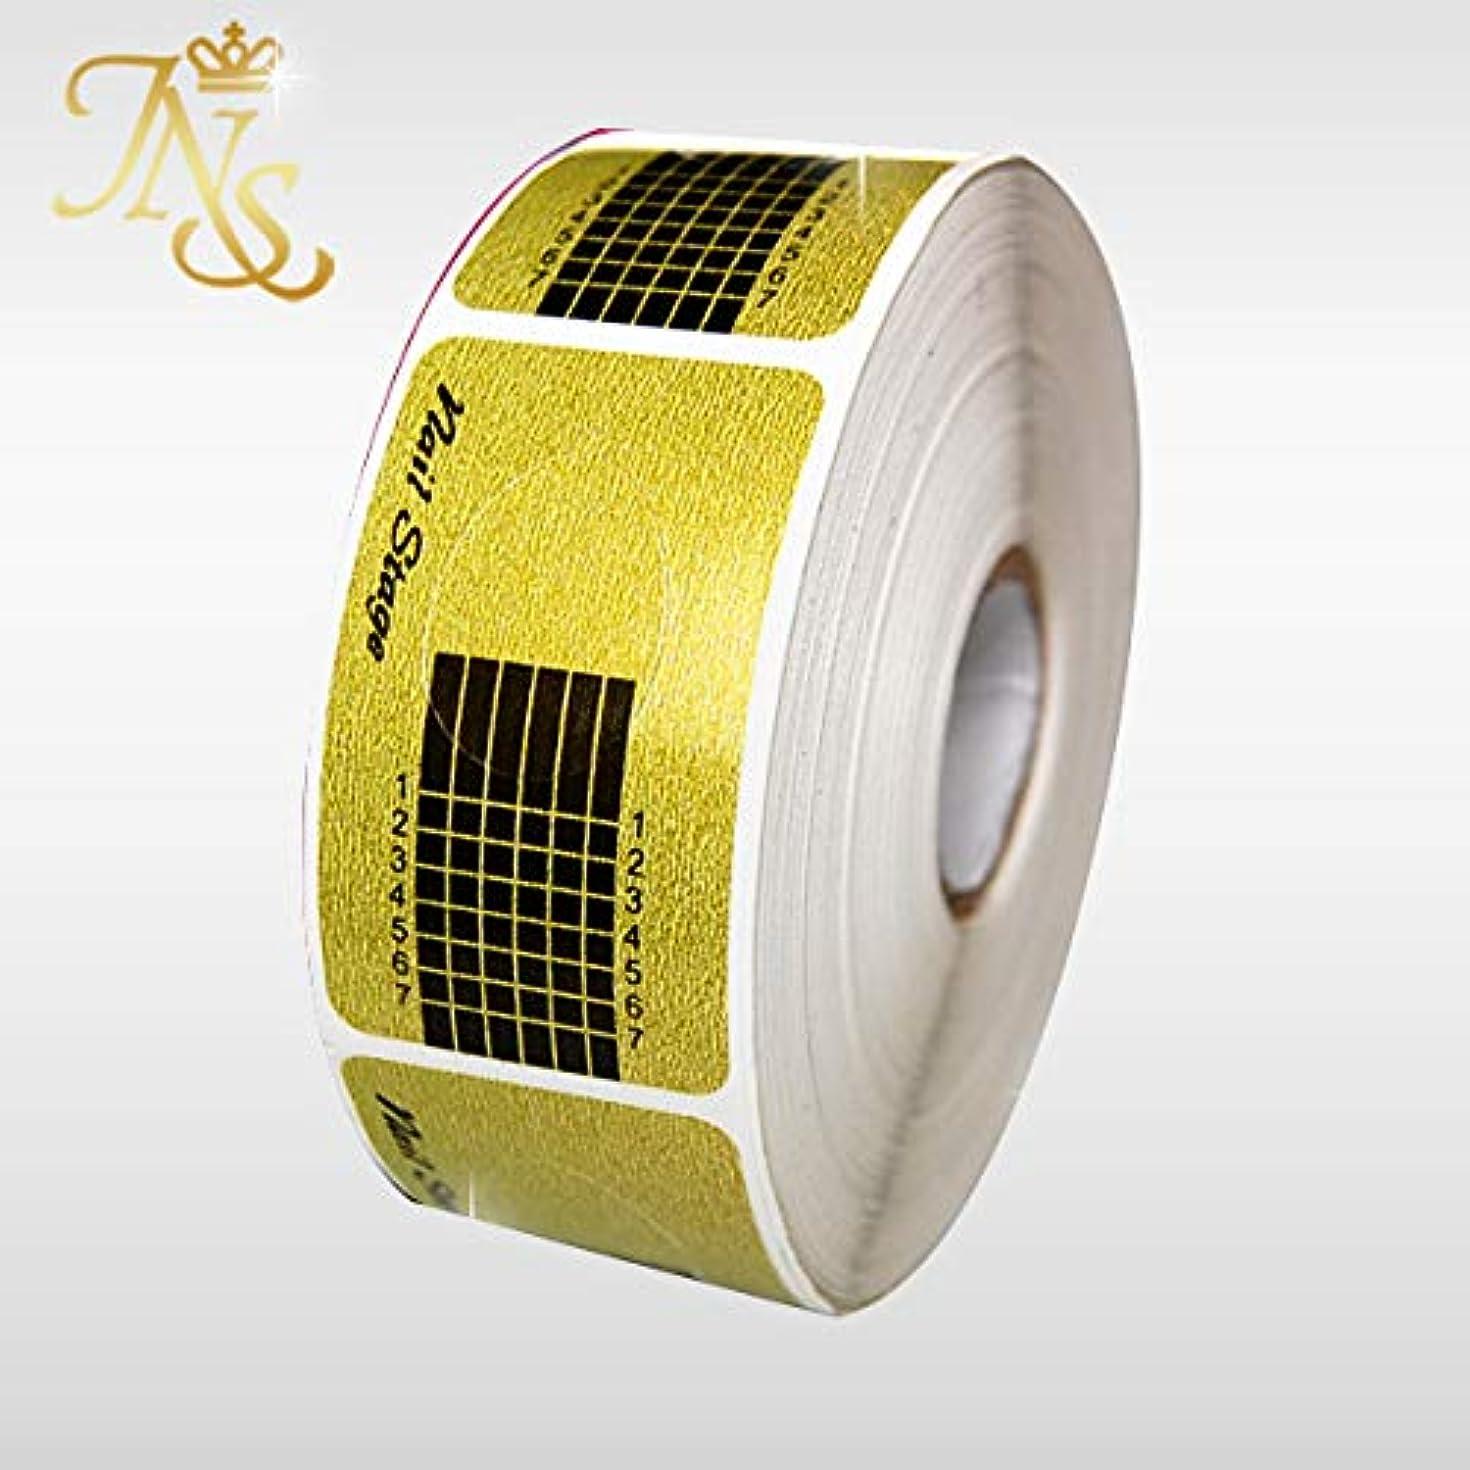 アルバニー傷跡光ネイルフォーム プロ用 高品質 500枚セット